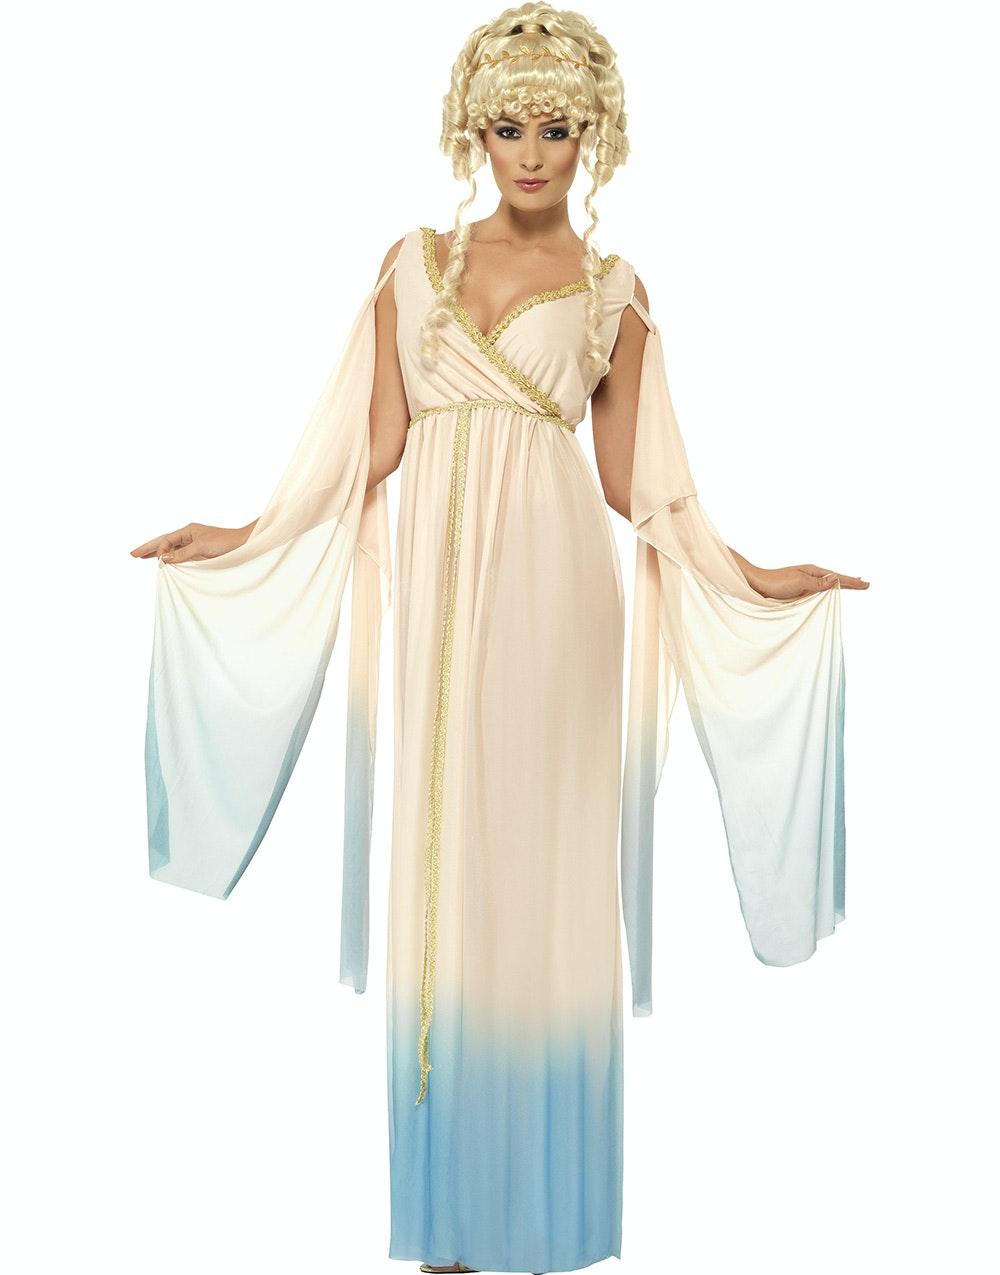 swedish porno gresk gudinne kostyme